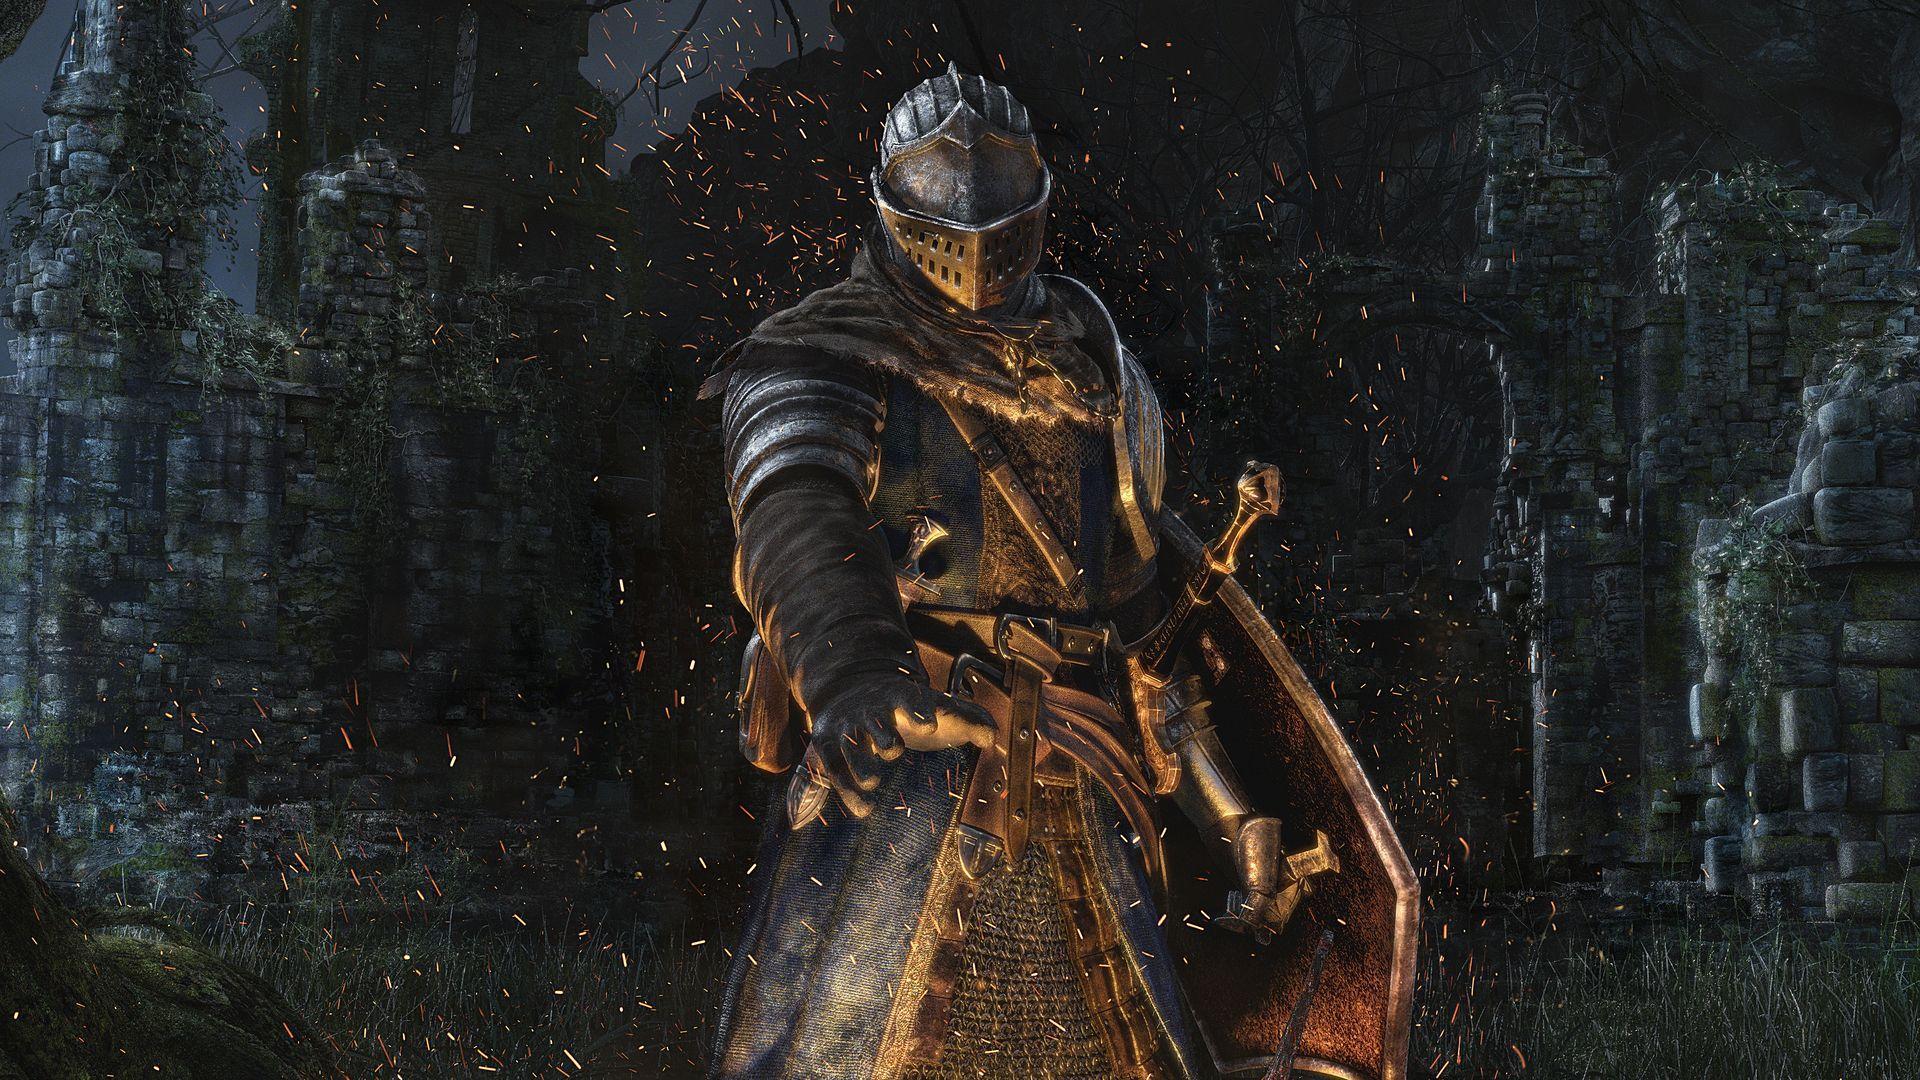 Dark Knight Wallpaper Fortnite Yokwallpapers Com